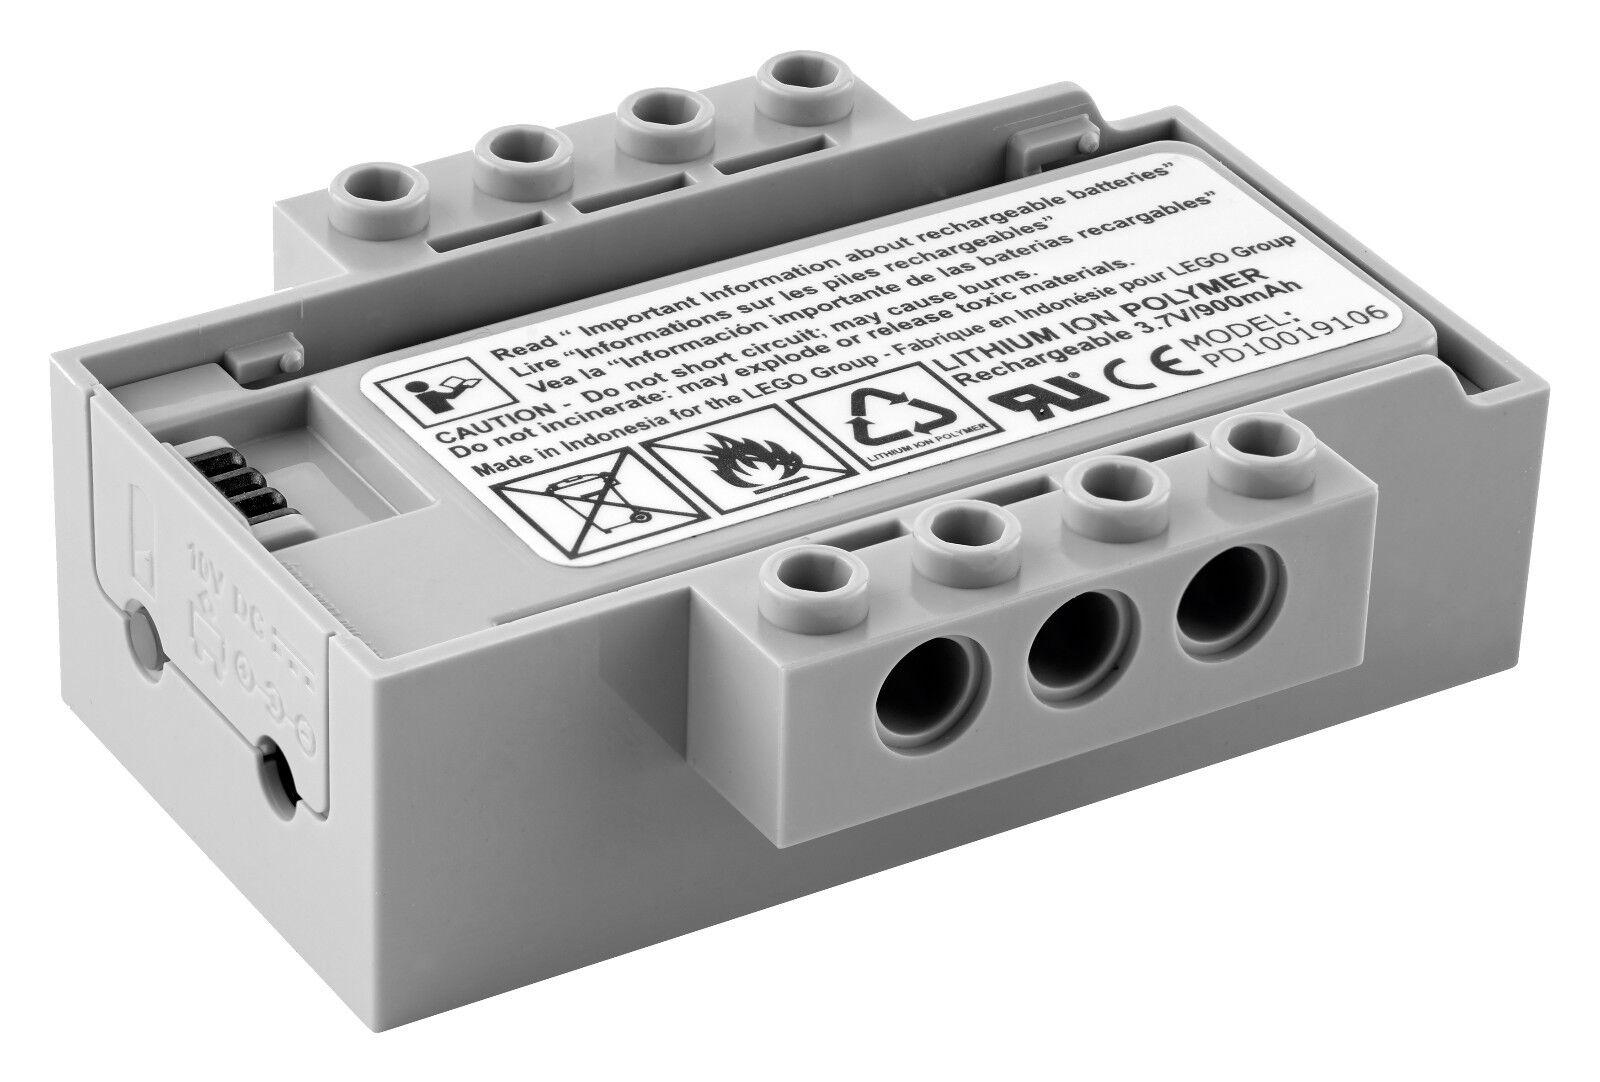 consegna rapida LEGO Education WeDo 20 batteria per smarthub RIautoICABILE 45302 LEGO LEGO LEGO ®  punti vendita